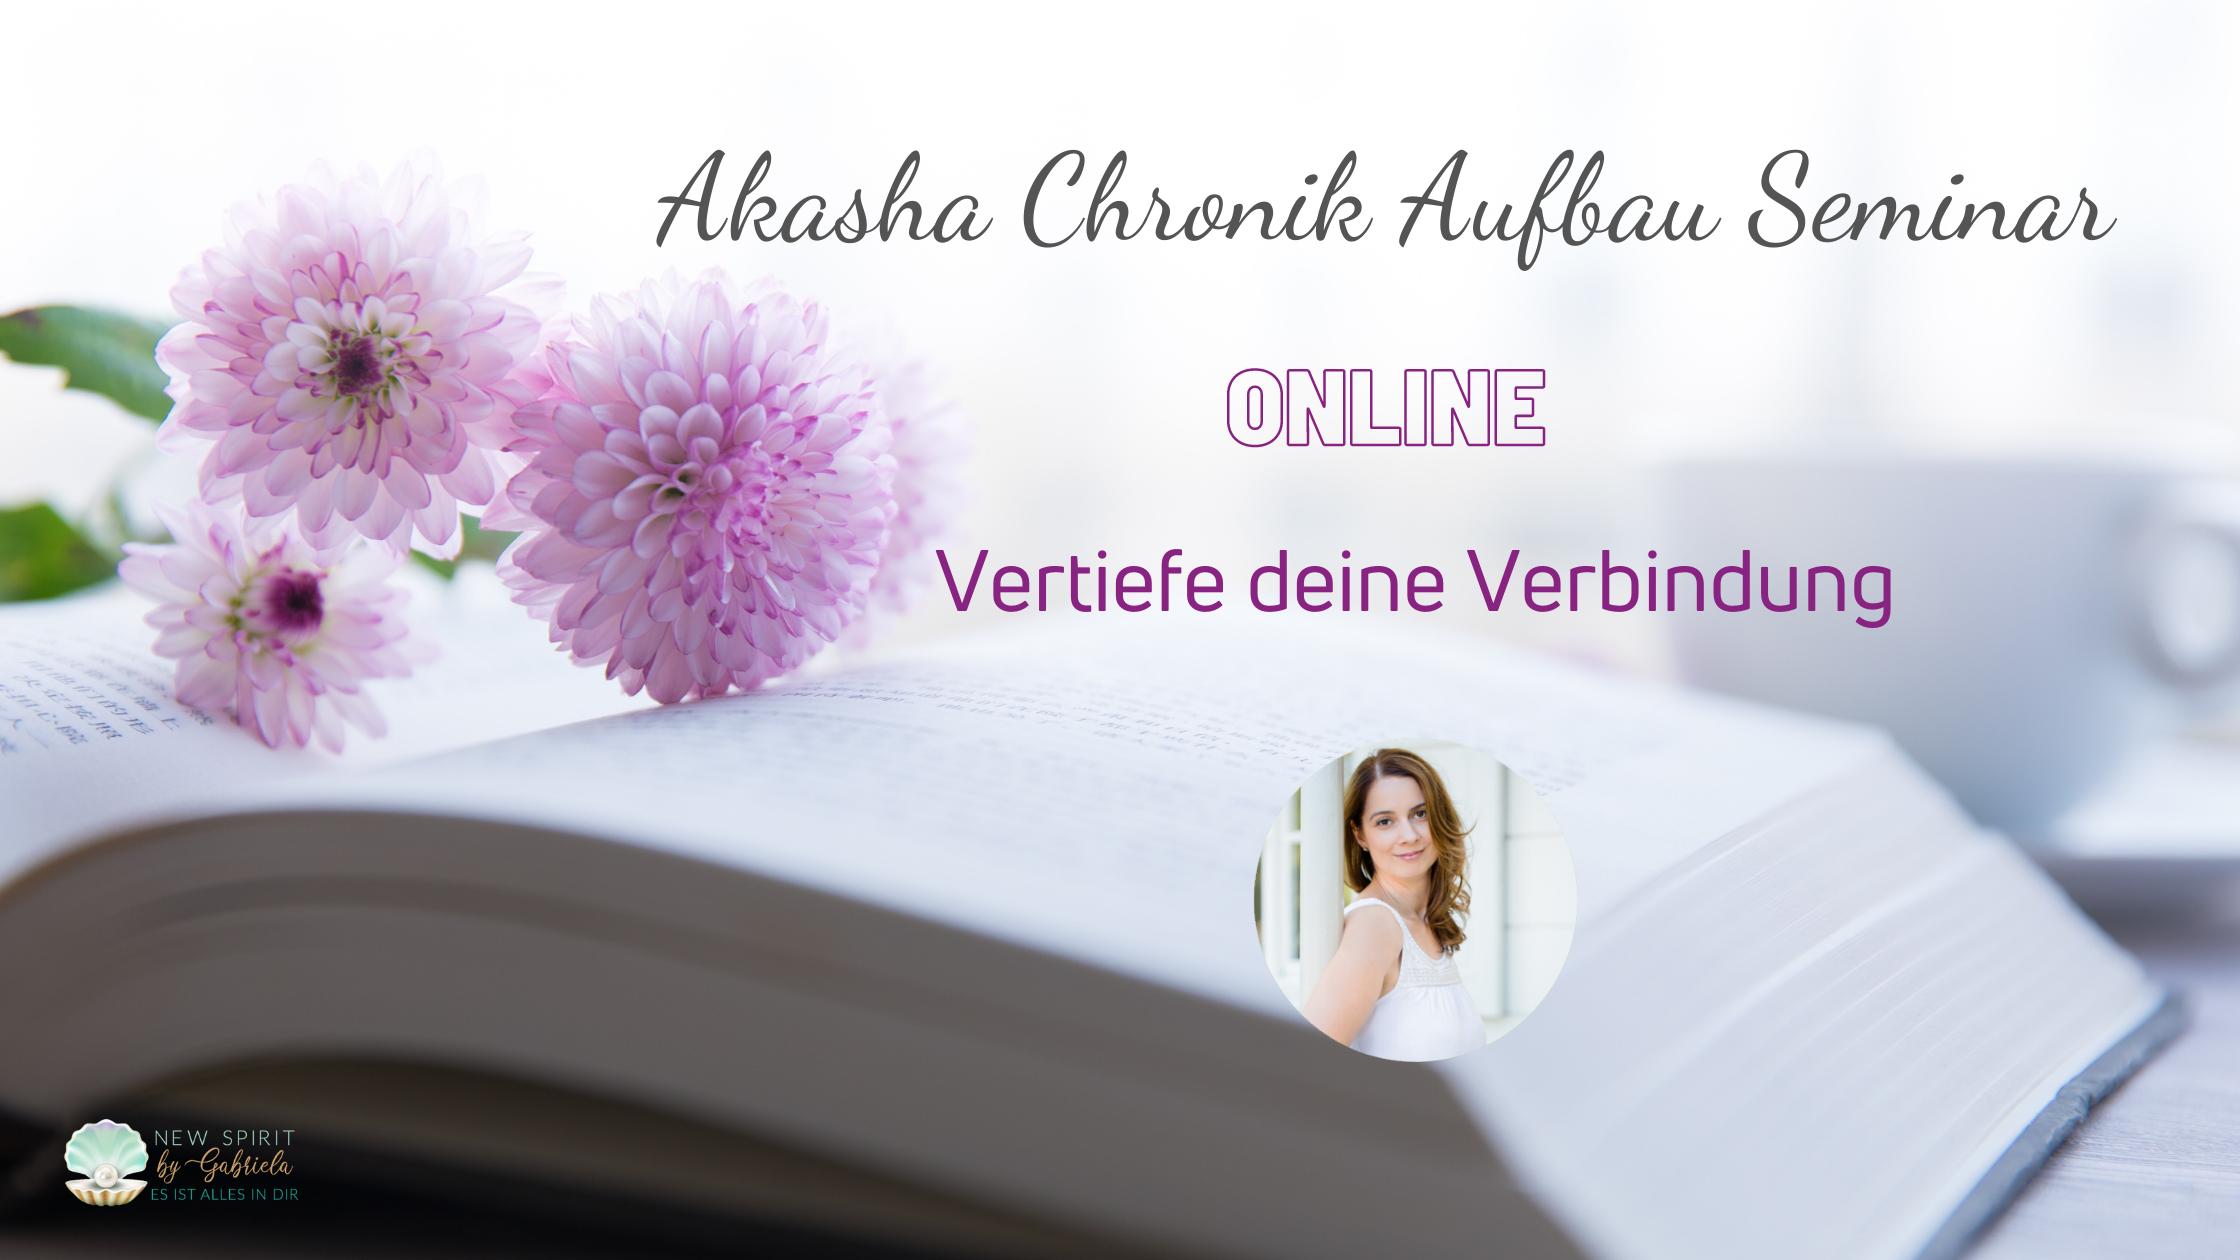 Akasha Chronik Aufbau Seminar